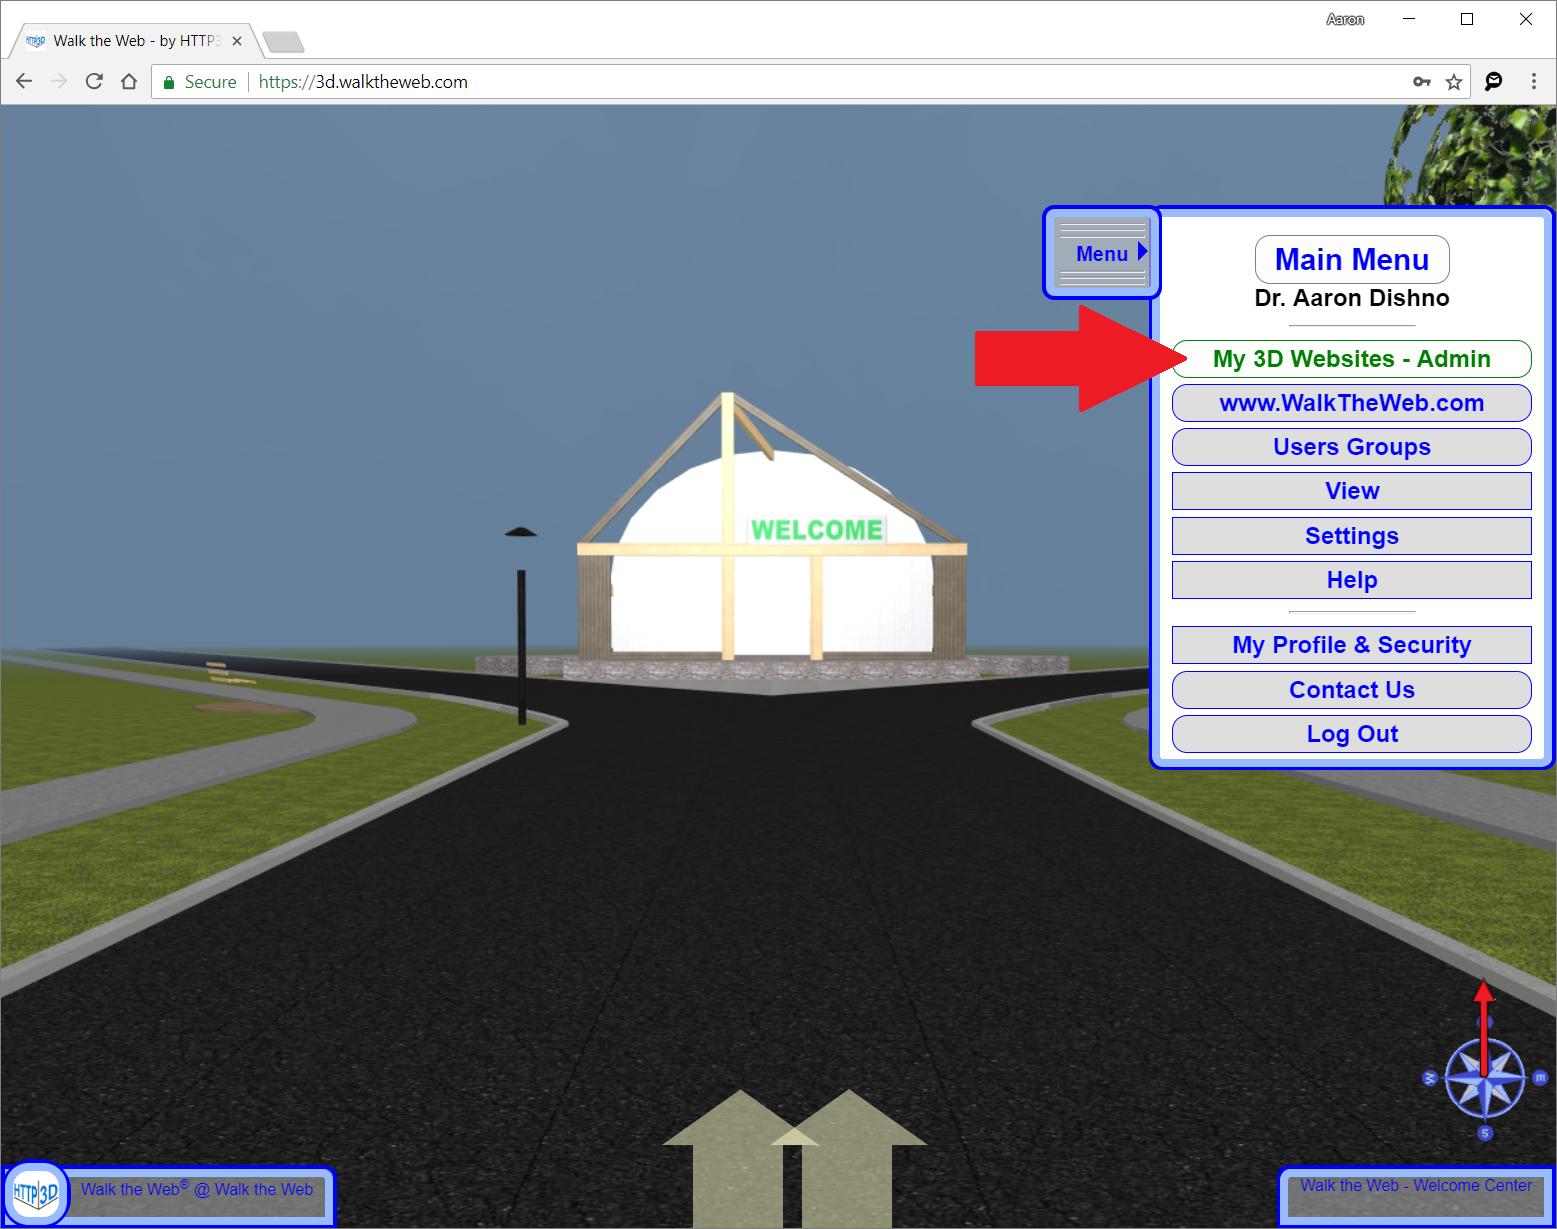 3D Website Admin